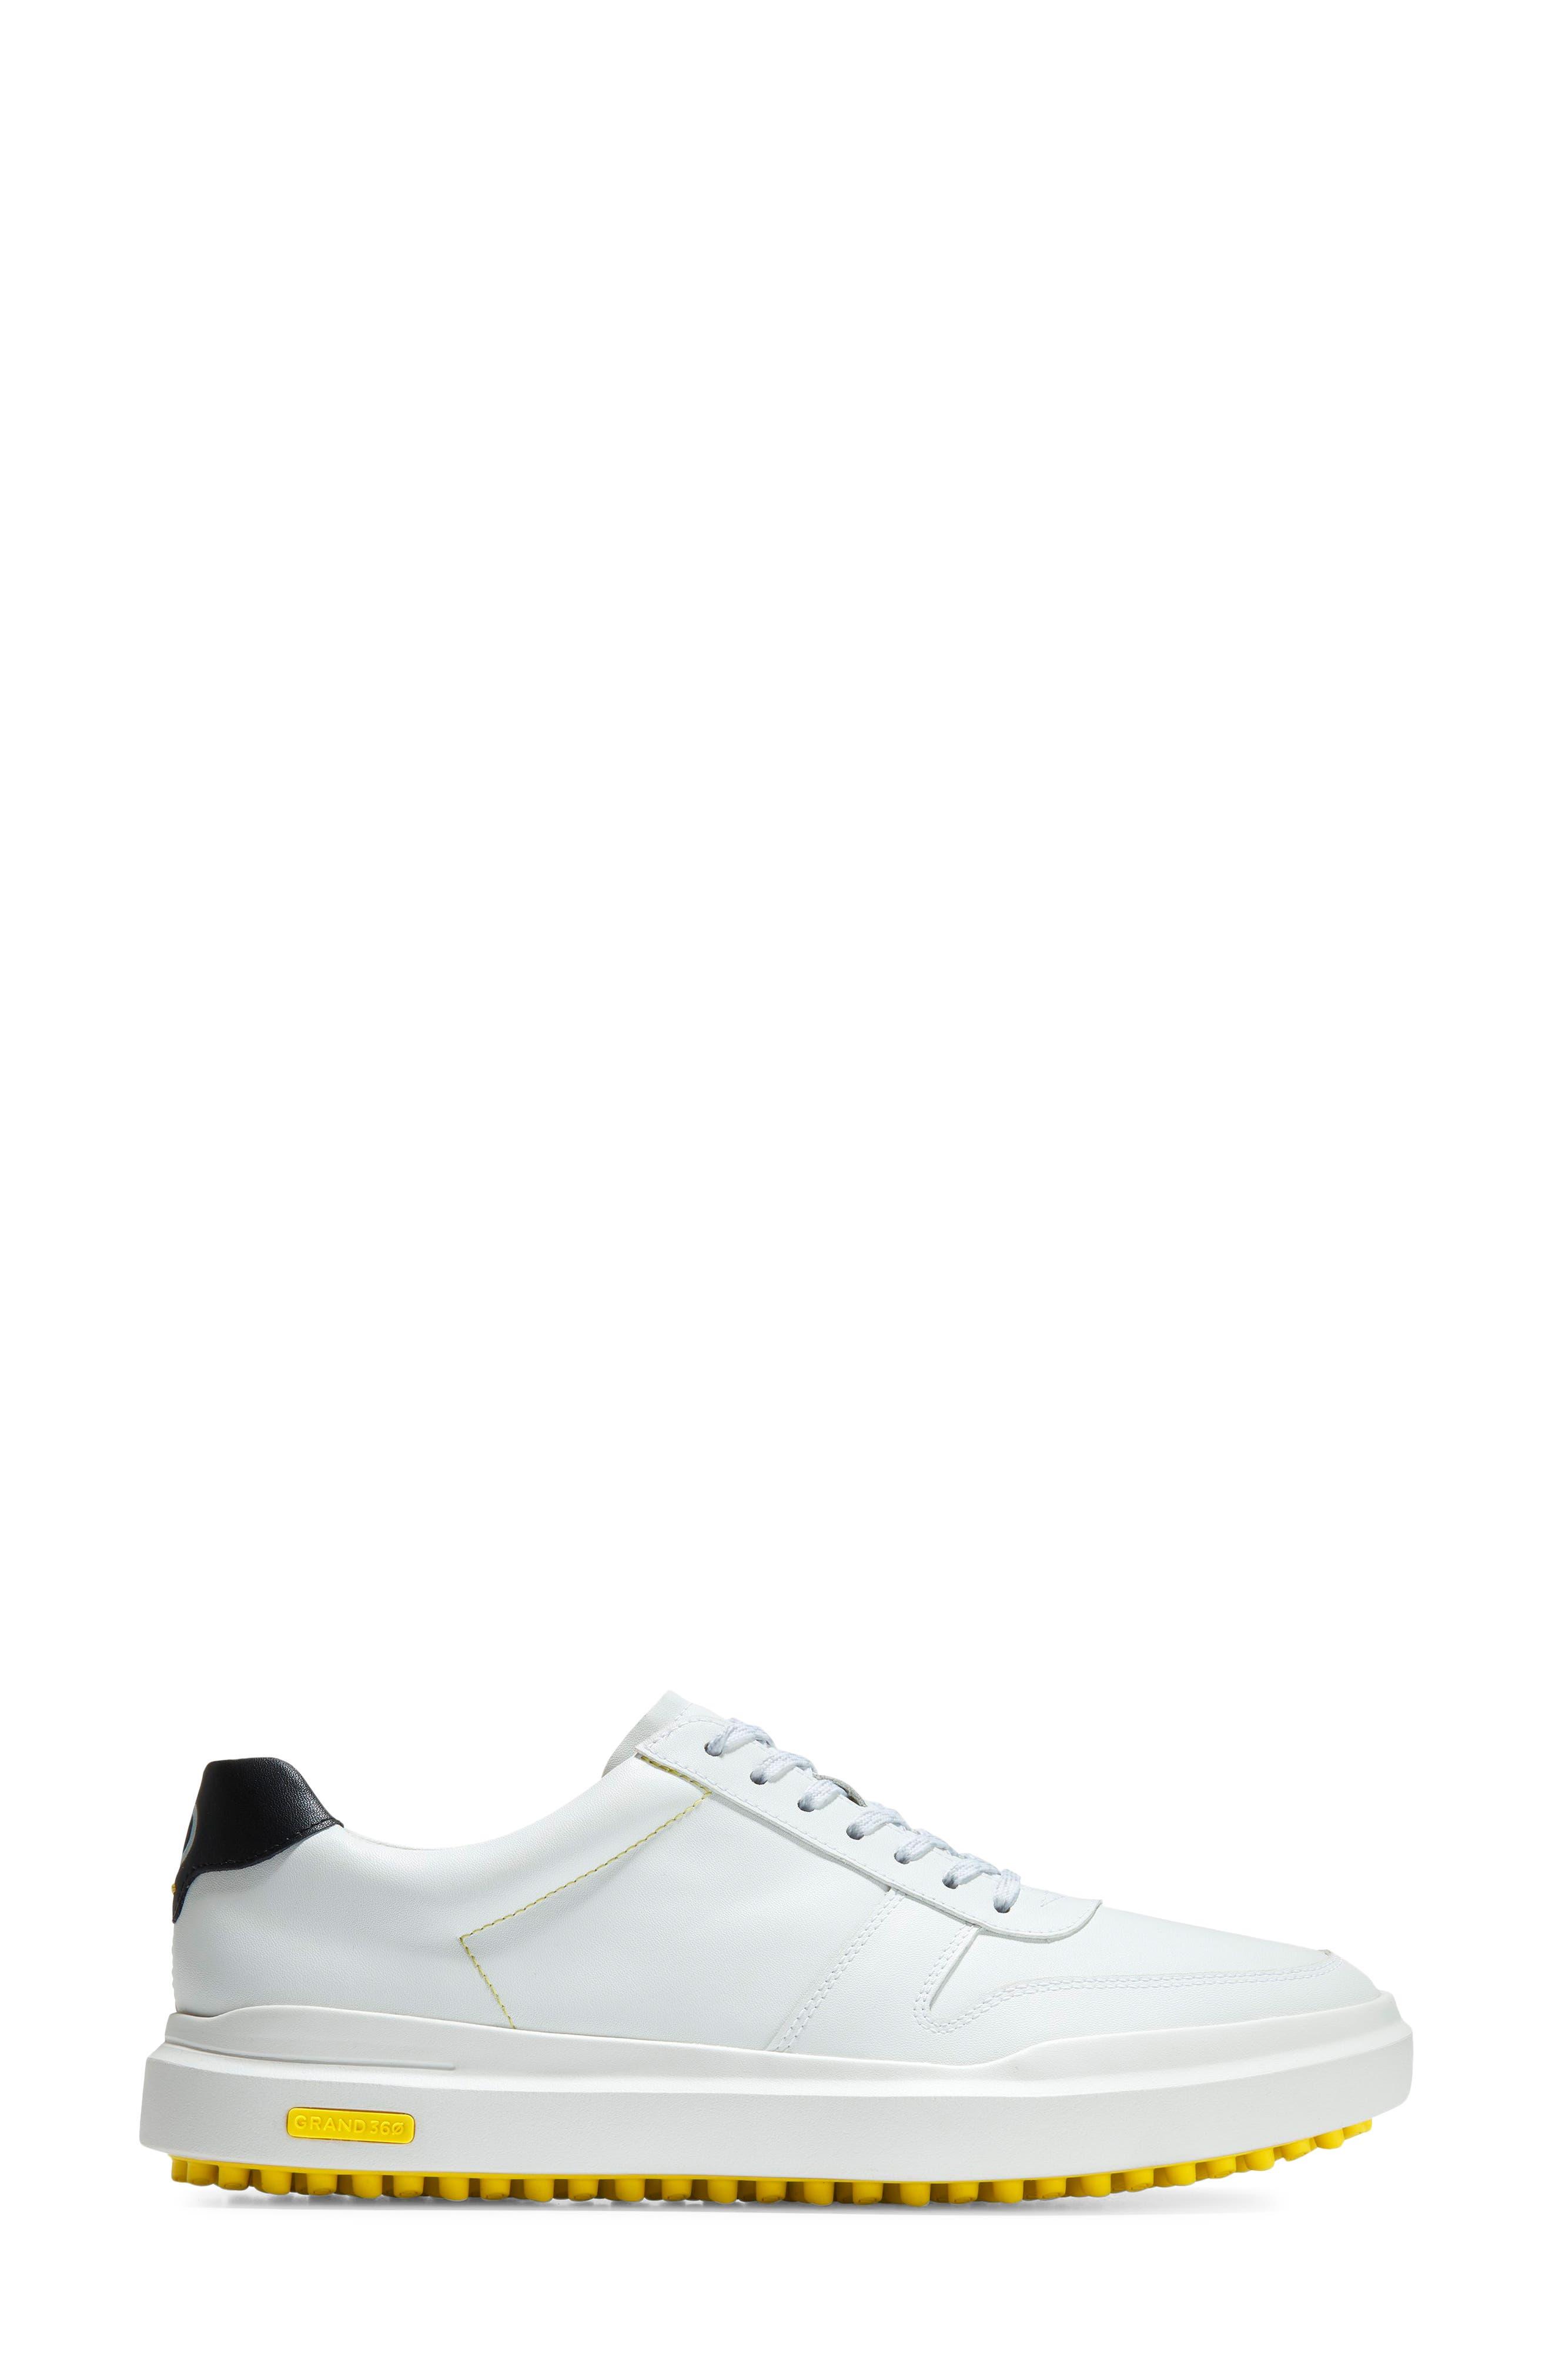 Grandpro Am Waterproof Golf Sneaker